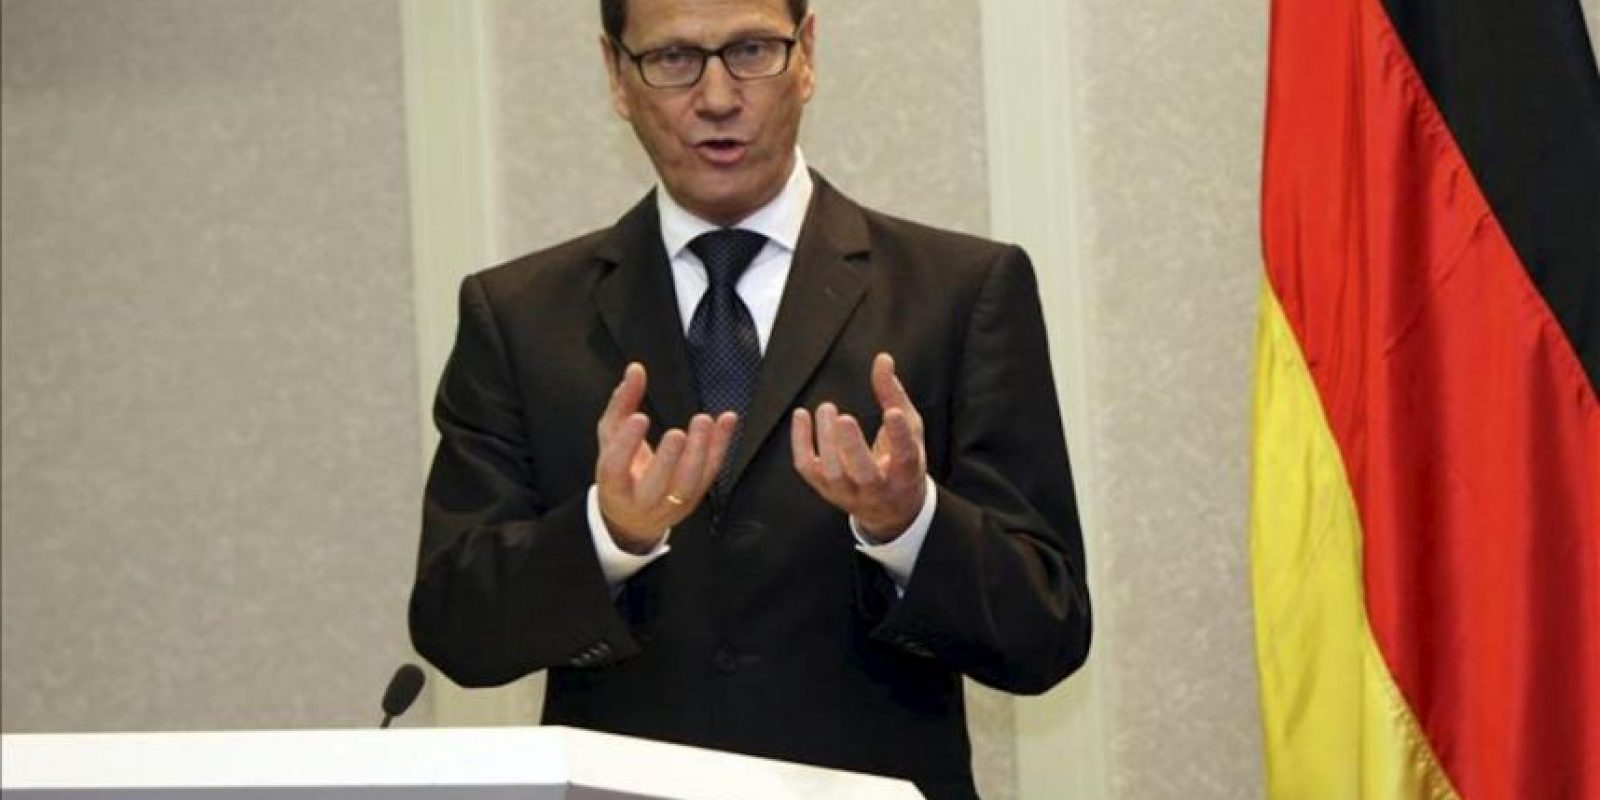 El ministro alemán de Exteriores, Guido Westerwelle. EFE/Archivo